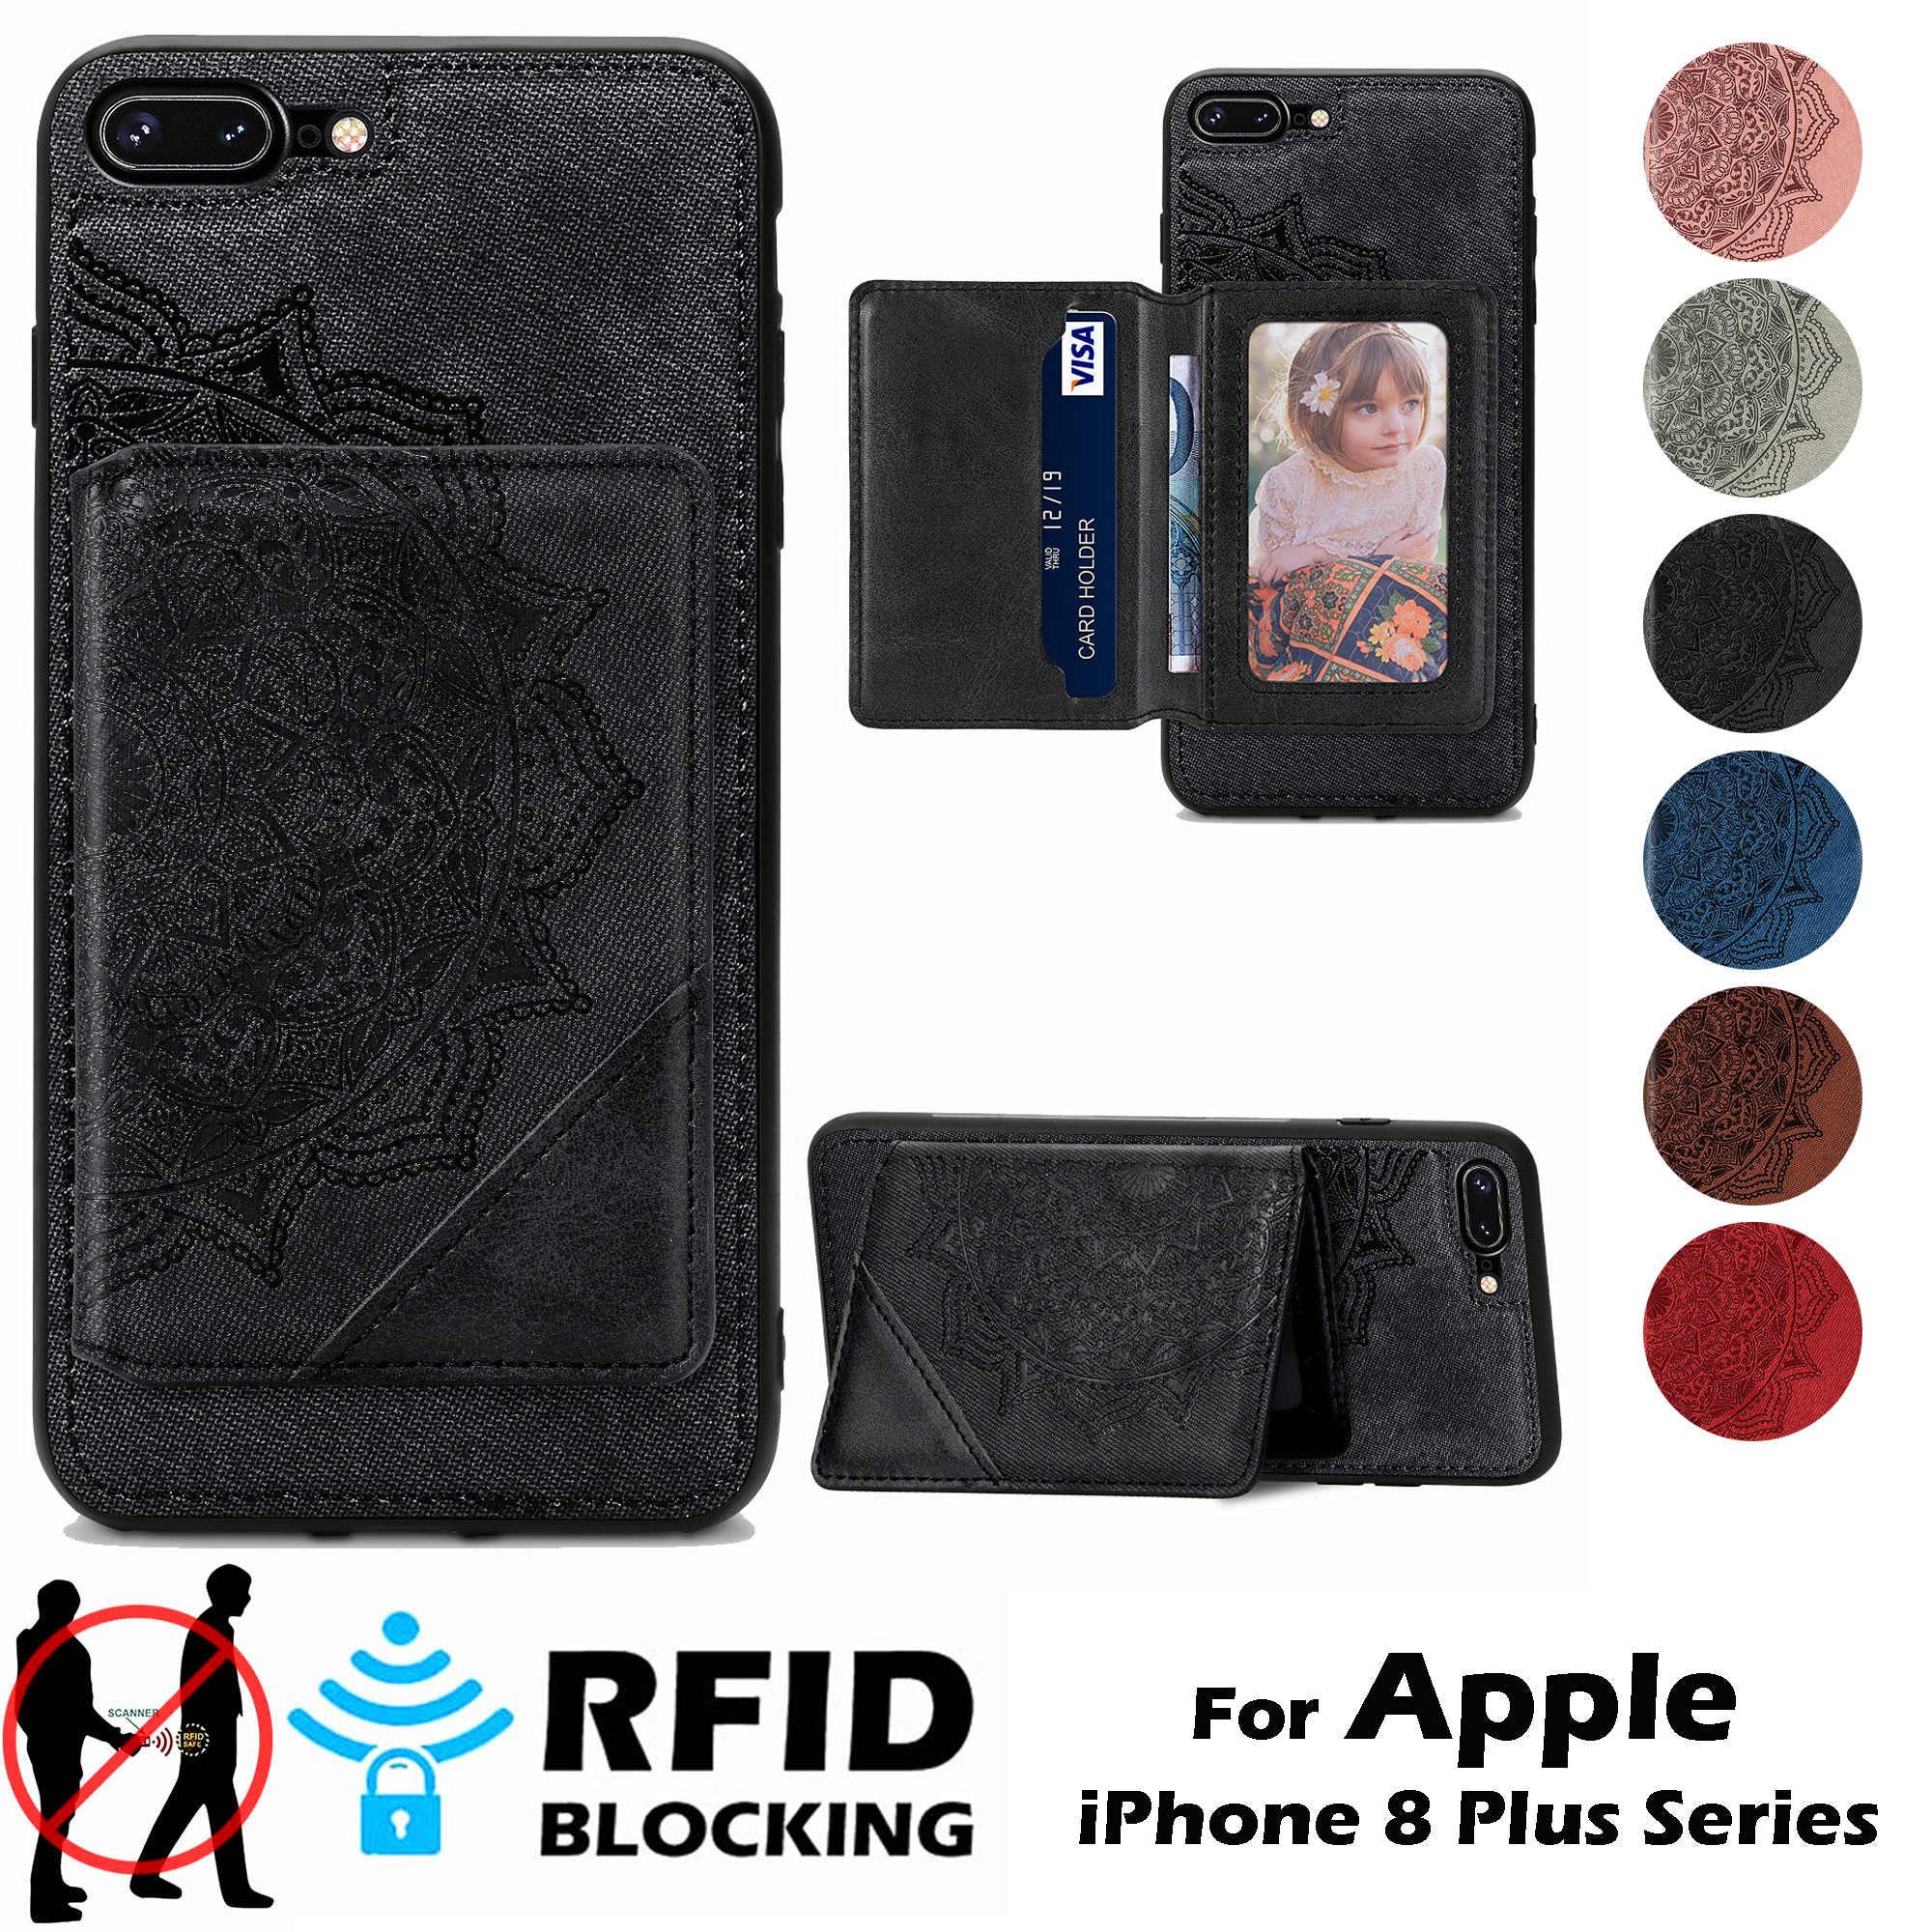 Nuova custodia per carte per iPhone 8 Plus custodia per iPhone8Plus Cover portafoglio tasca i Phone 6 6s 7 8 Plus Cover posteriore magnetica ...